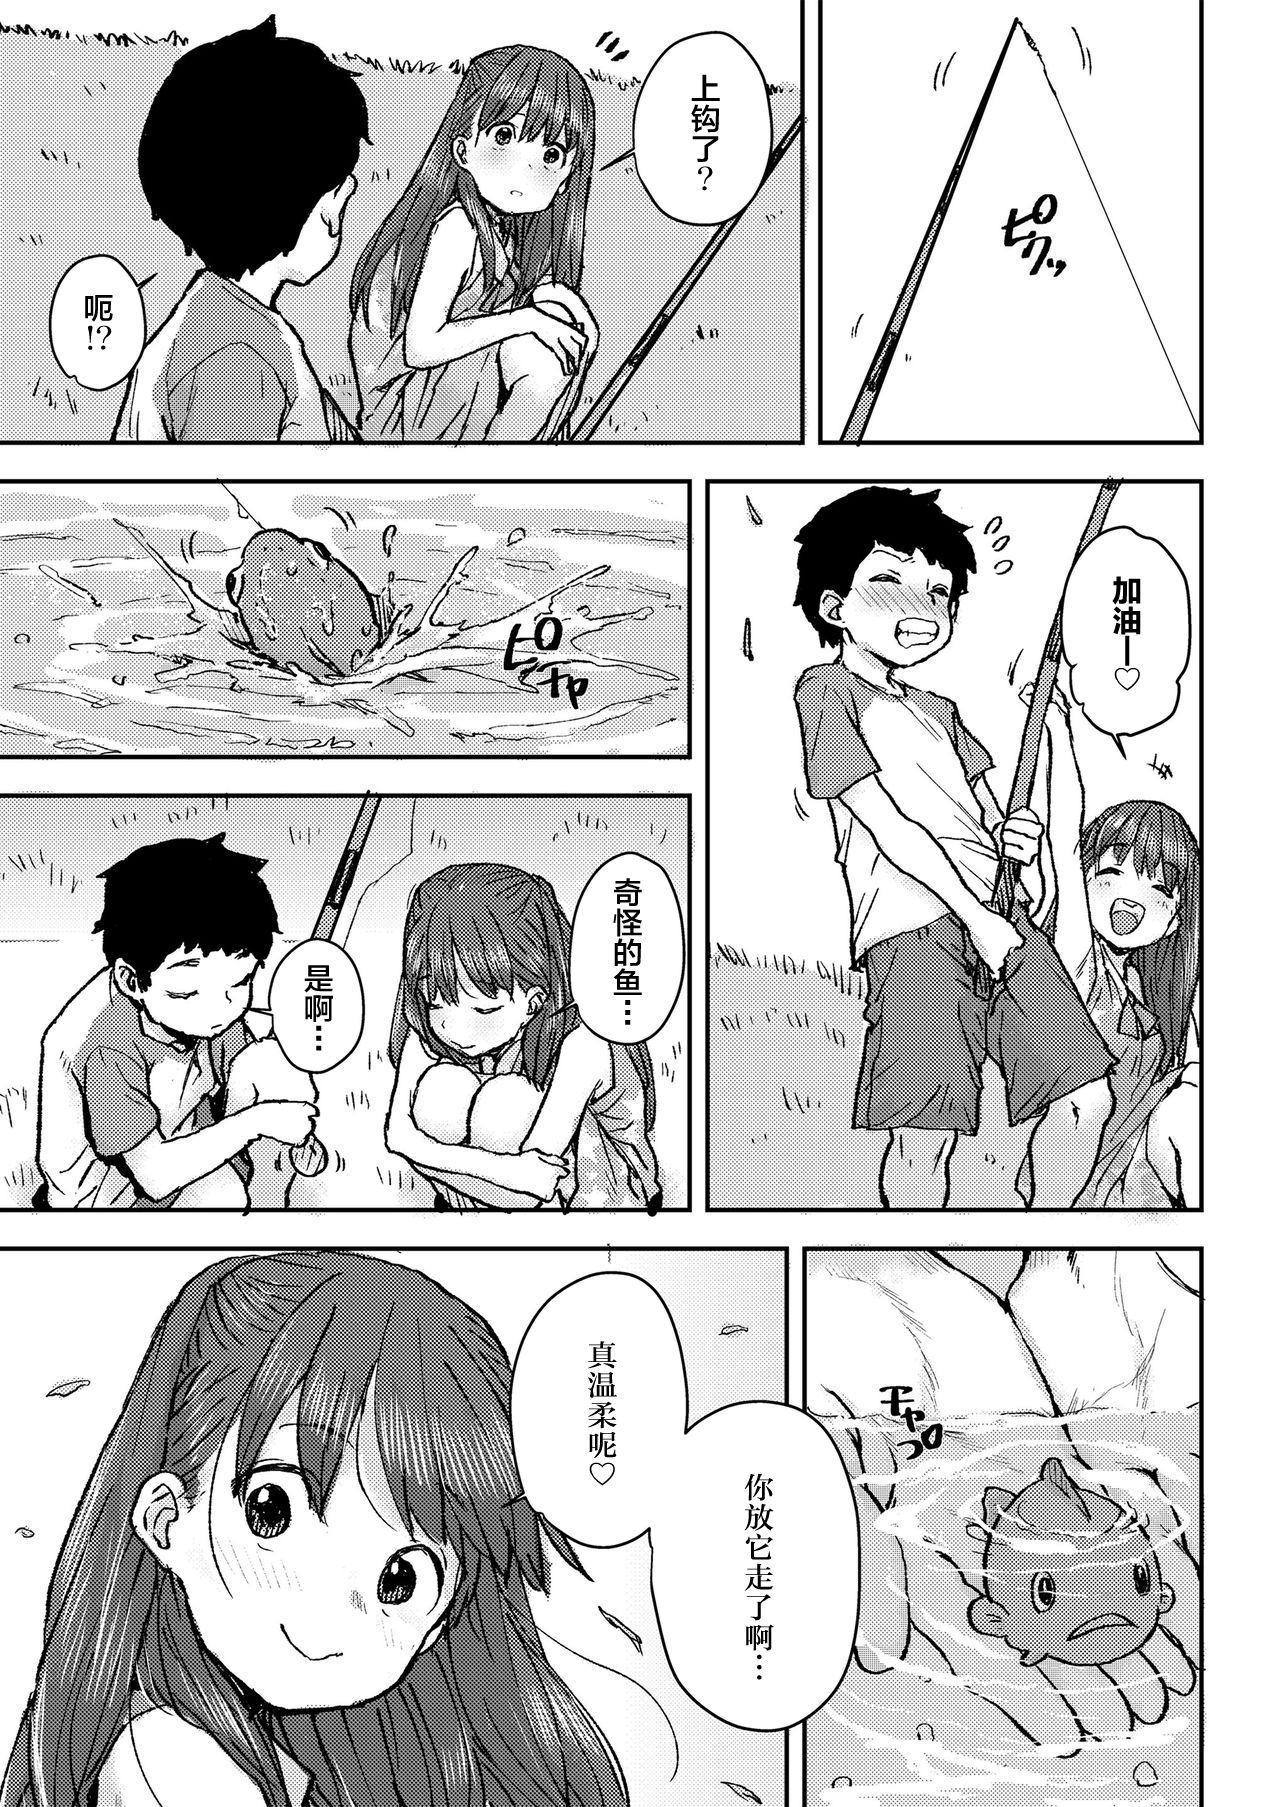 [Ponsuke] Sakura Ame[Chinese]【不可视汉化】 5